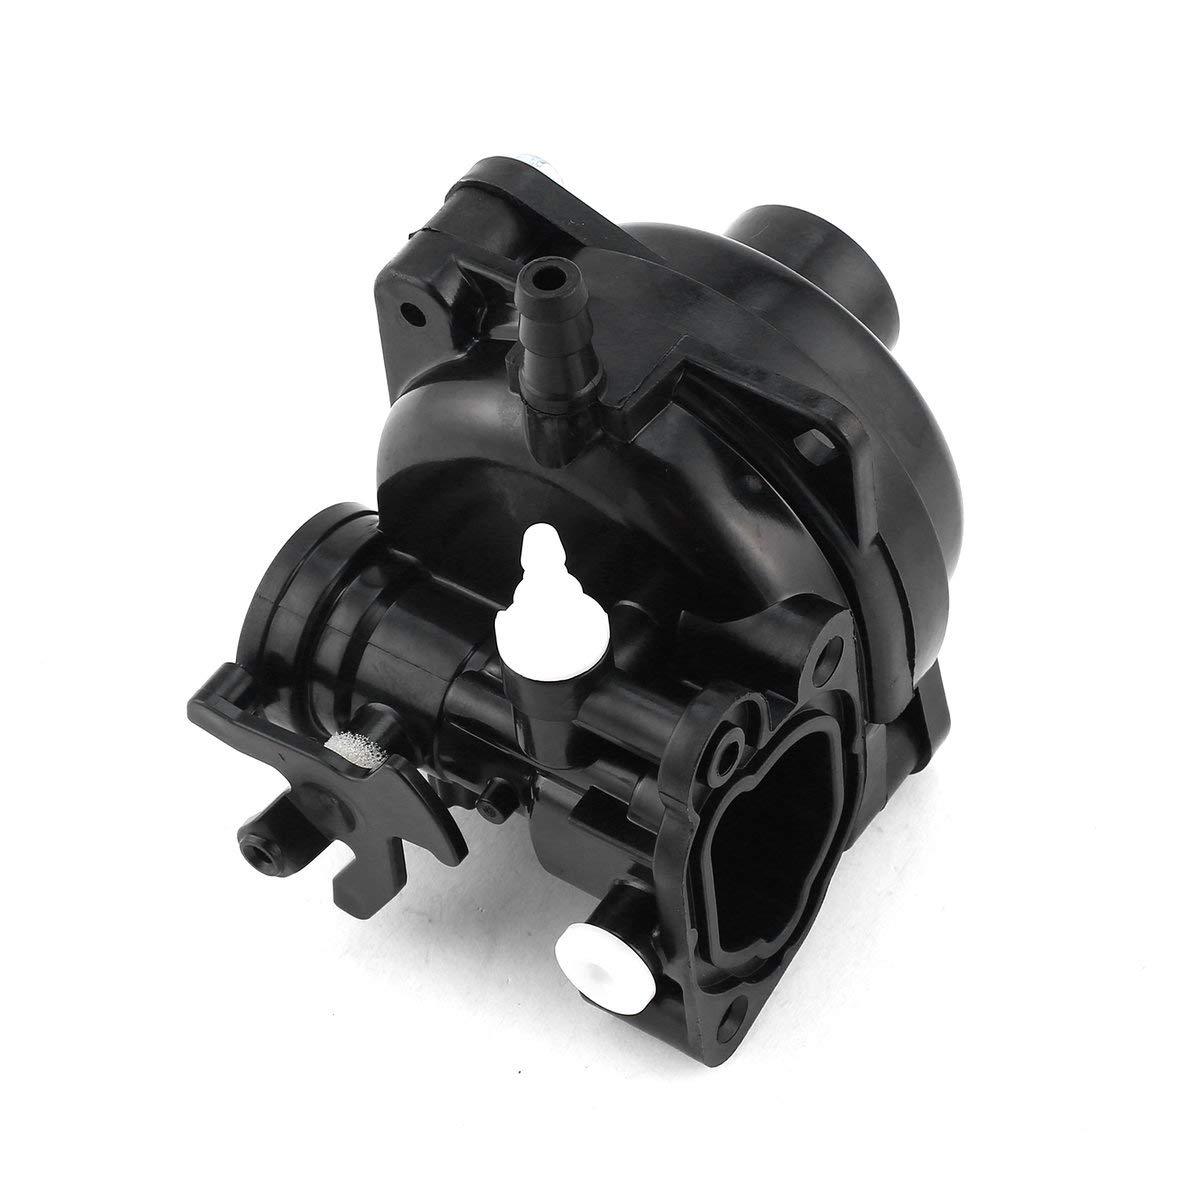 Heaviesk 799583 ersatzvergaser f/ür Briggs /& Stratton rasenm/äher rasenm/äher carb Motorrad ersatzteile